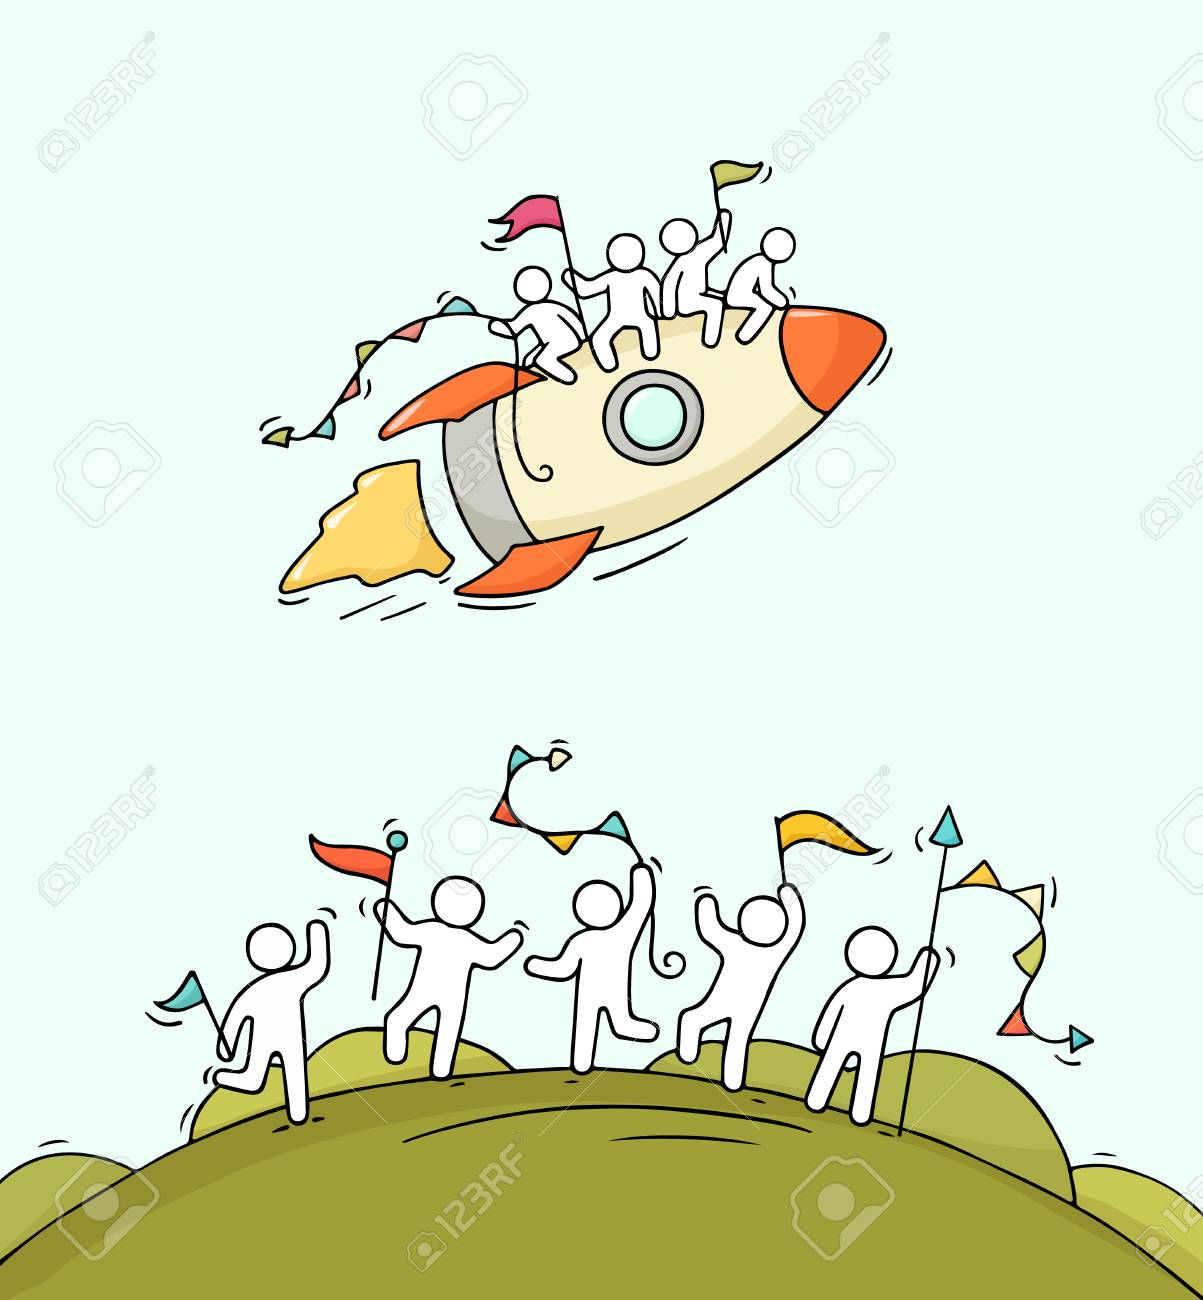 ロケットに始まる幸せな小さな人を漫画します労働者と宇宙船の落書き